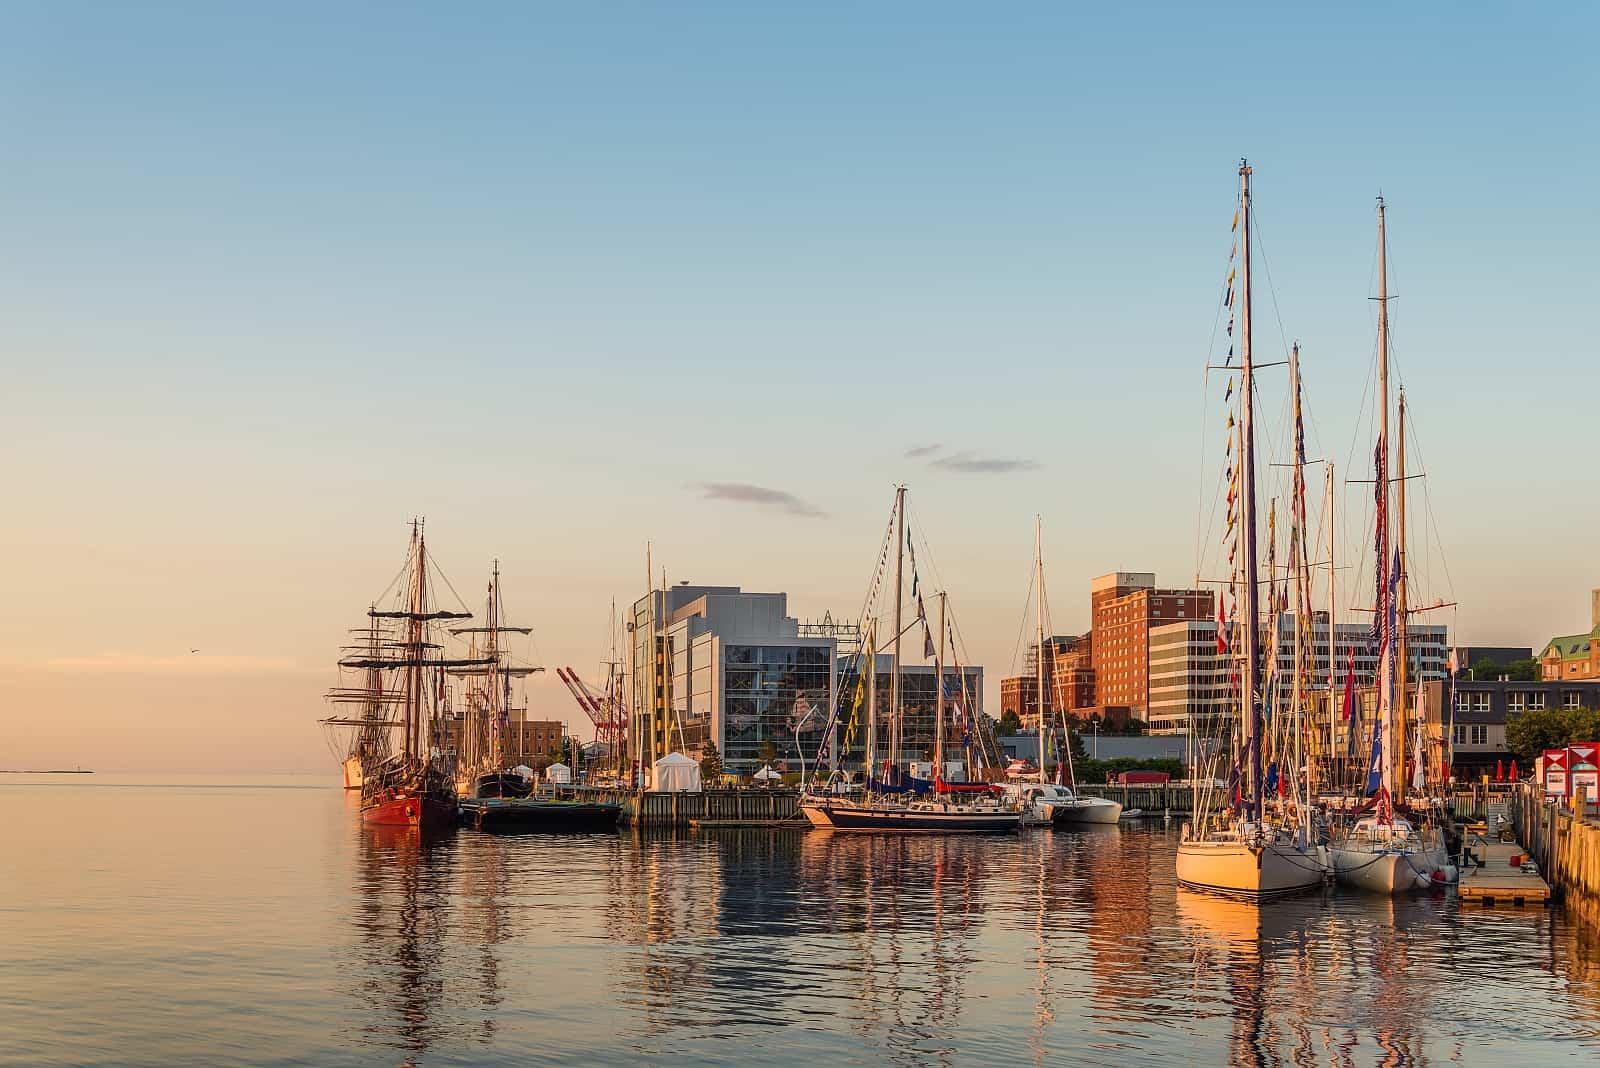 Der Hafen von Halifax, einer der größten Naturhäfen der Welt.